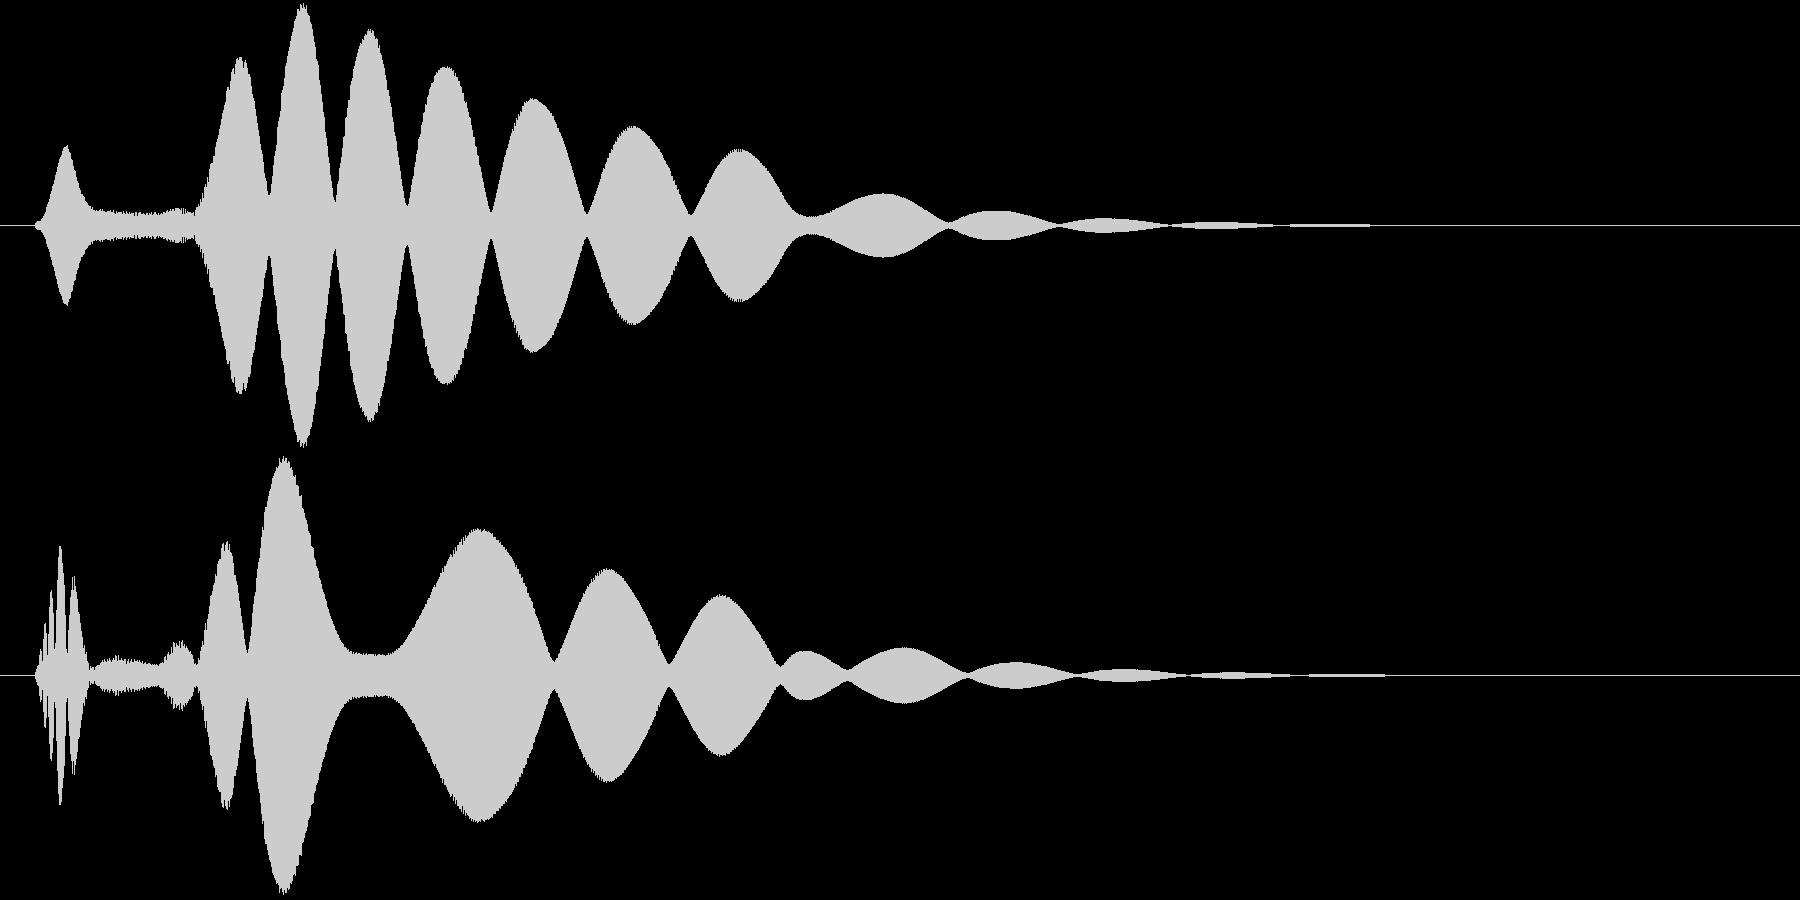 チュイーン(ドーピング薬)の未再生の波形